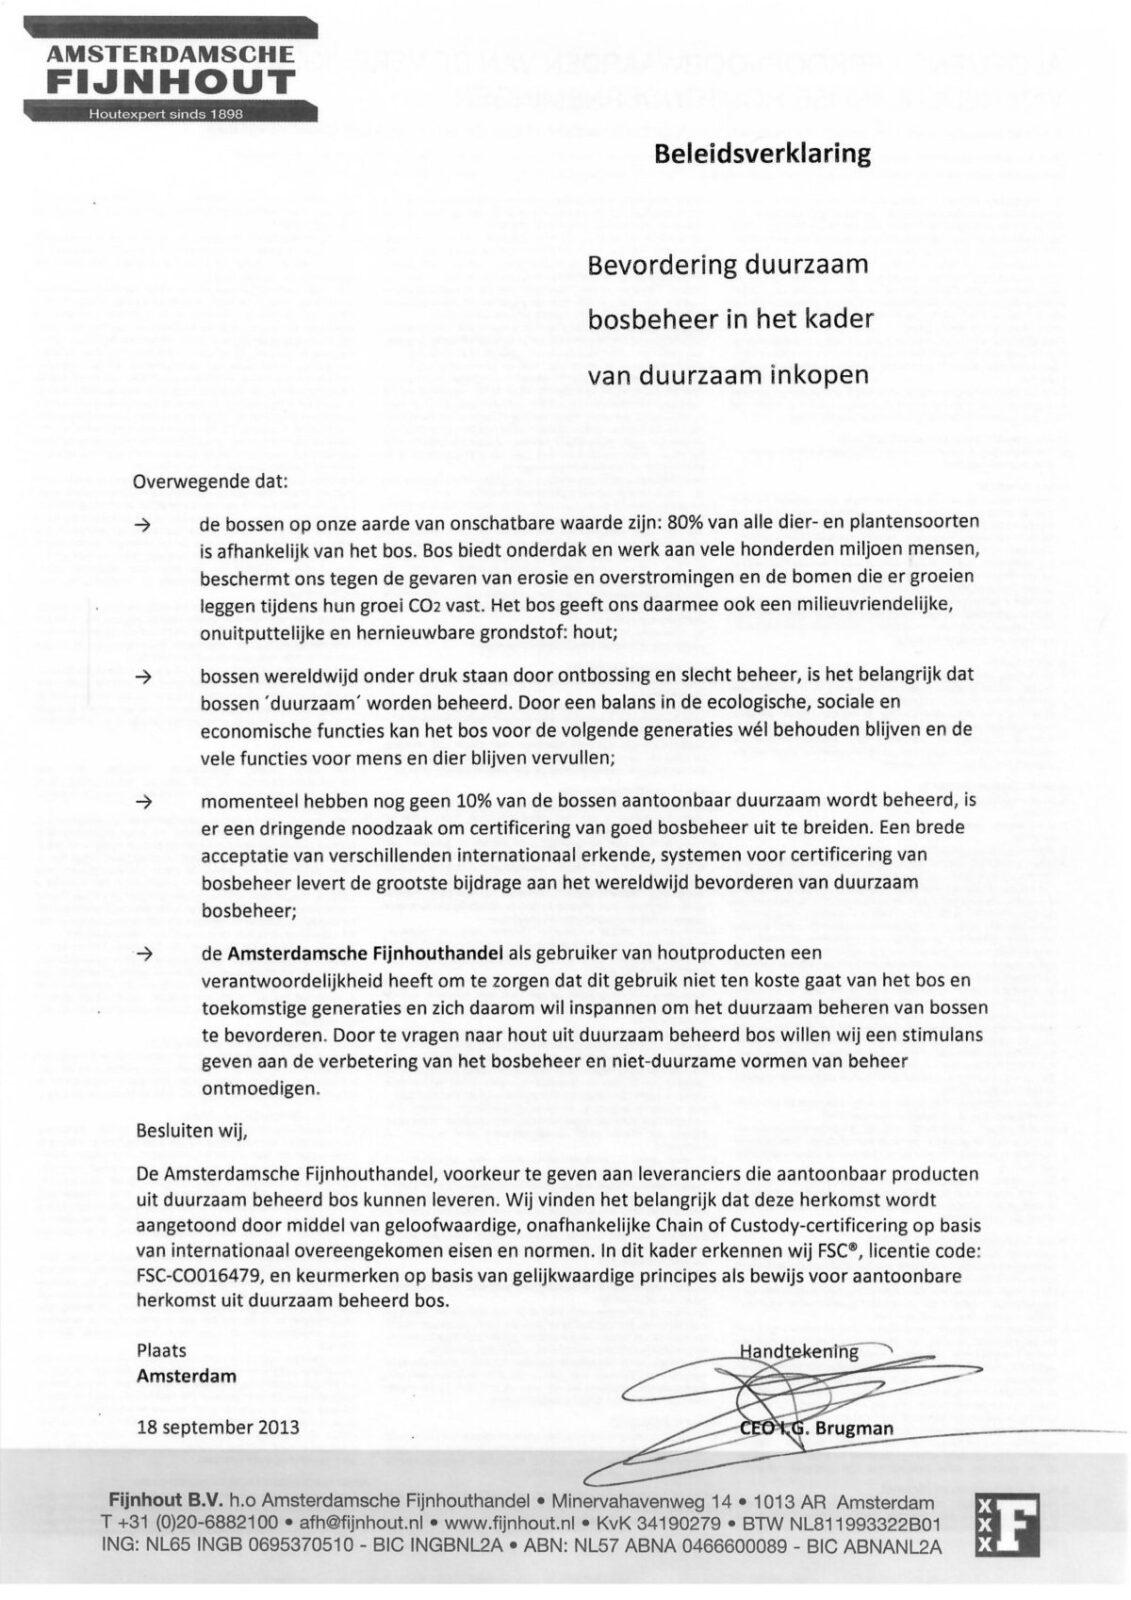 Beleidsverklaring Fijnhout